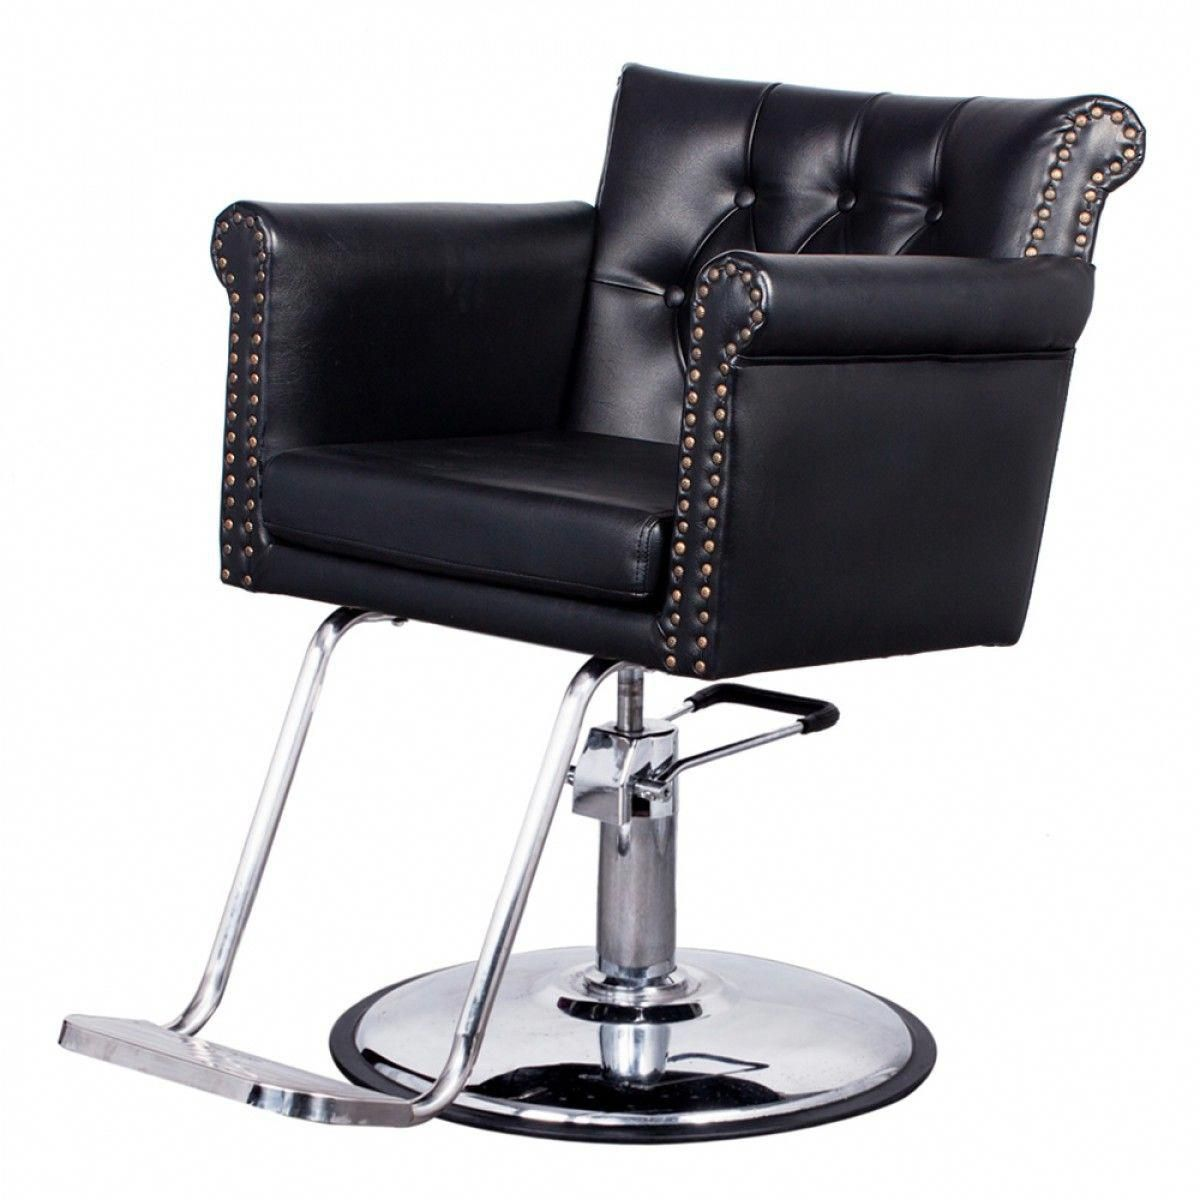 CAPRI  used salon equipment for sale wholesale salon equipment packages #chairsale.    sc 1 st  Pinterest & CAPRI